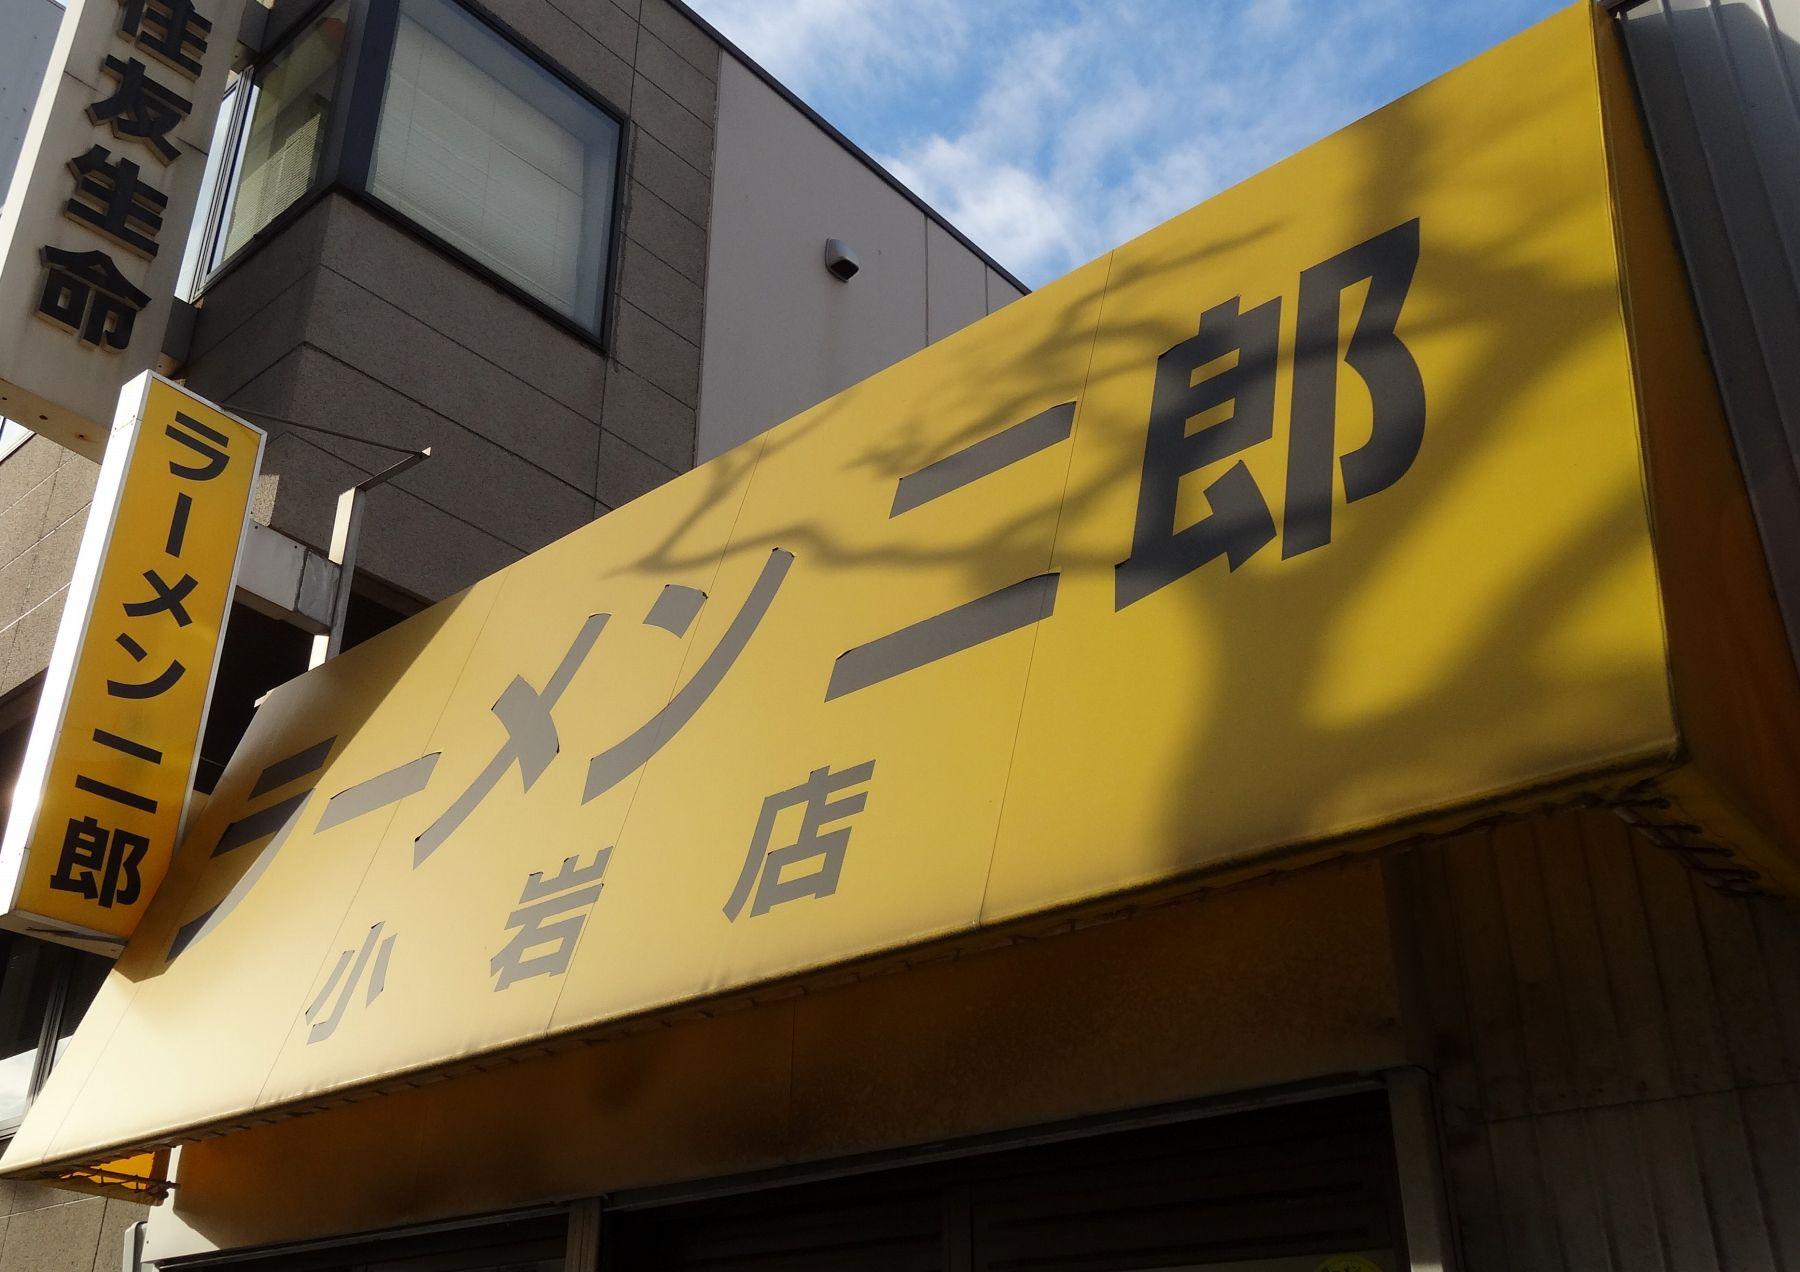 20121129001koiwa.jpg